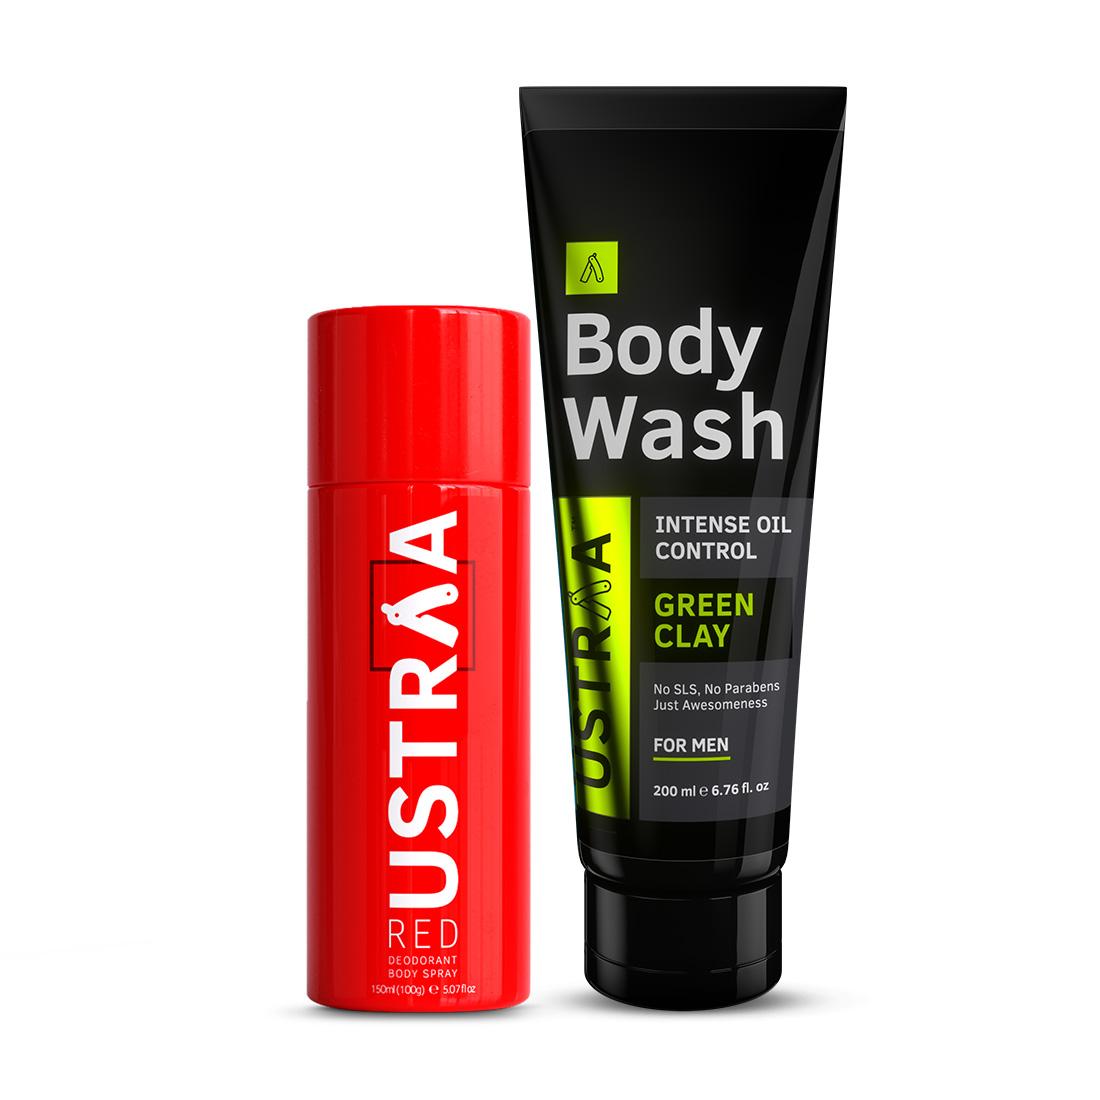 Ustraa | Ustraa Blue Deodorant 150ml & Body Wash Taurine 200g